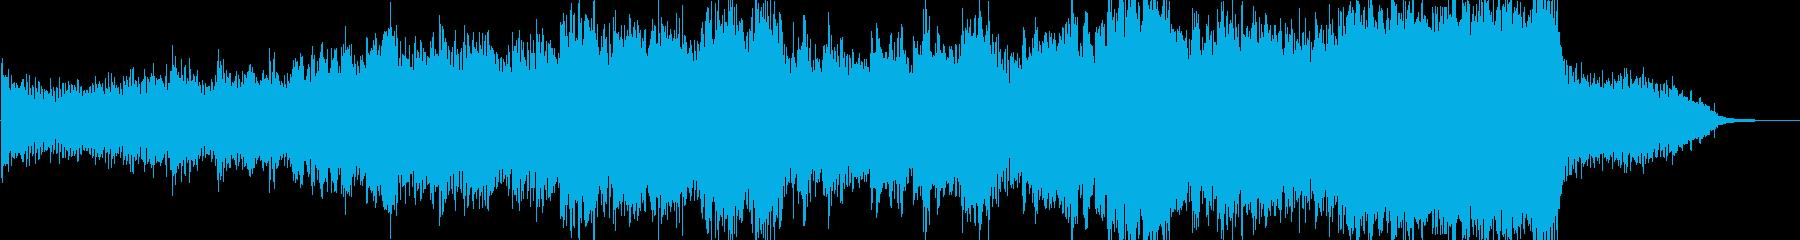 メロディーラインが美しいEpicサウンドの再生済みの波形